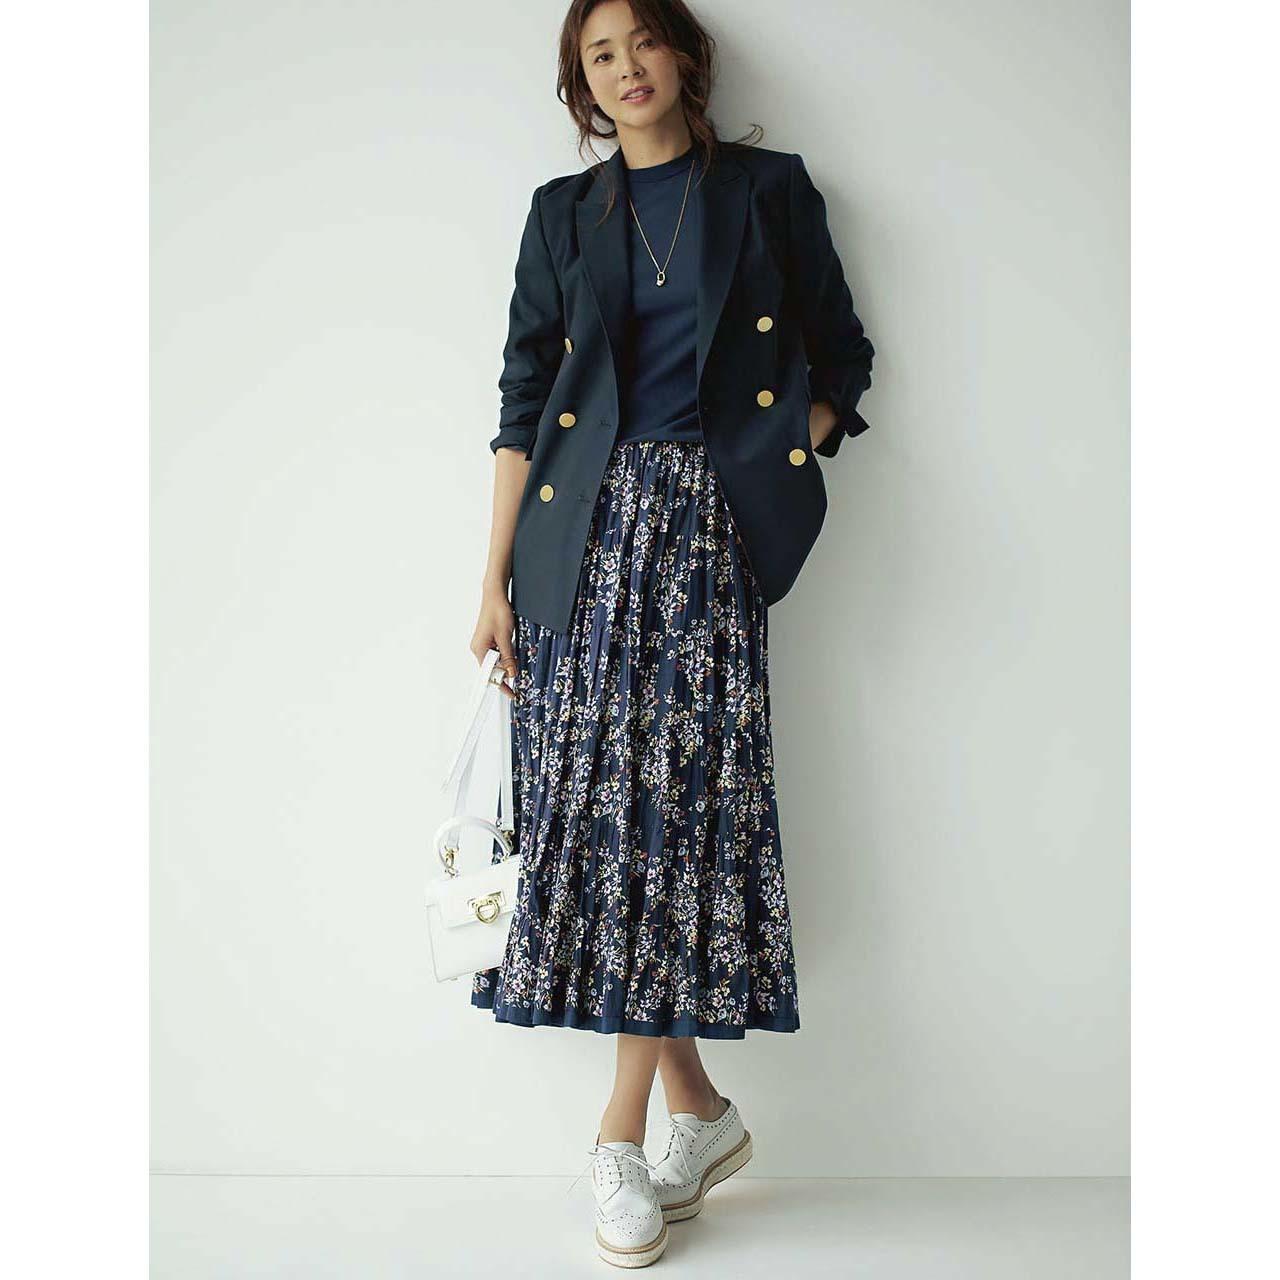 ネイビージャケット×ネイビーの花柄スカートコーデ